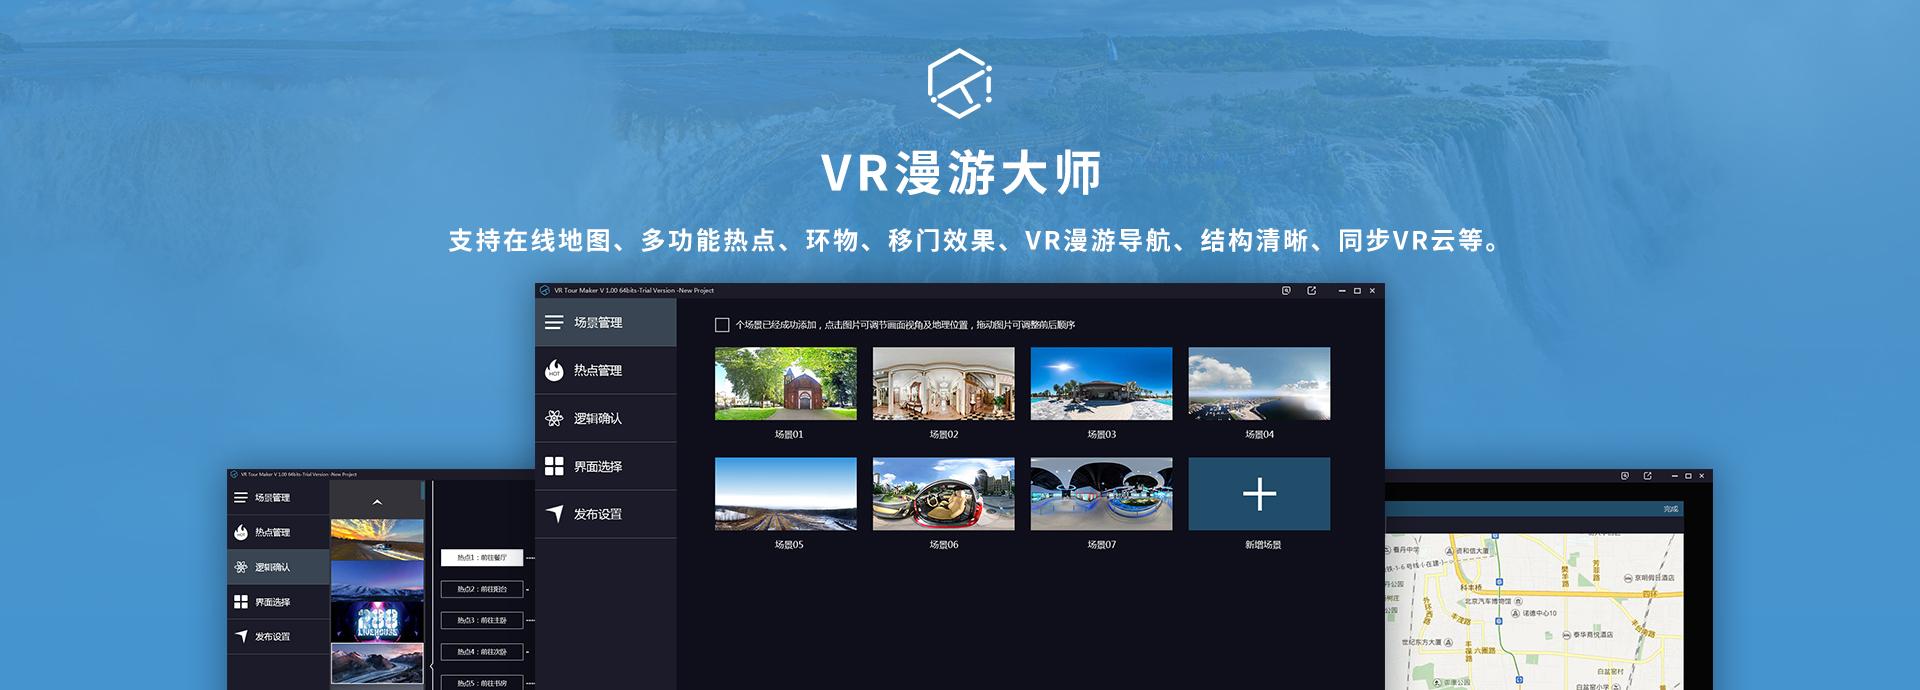 VR漫游制作软件